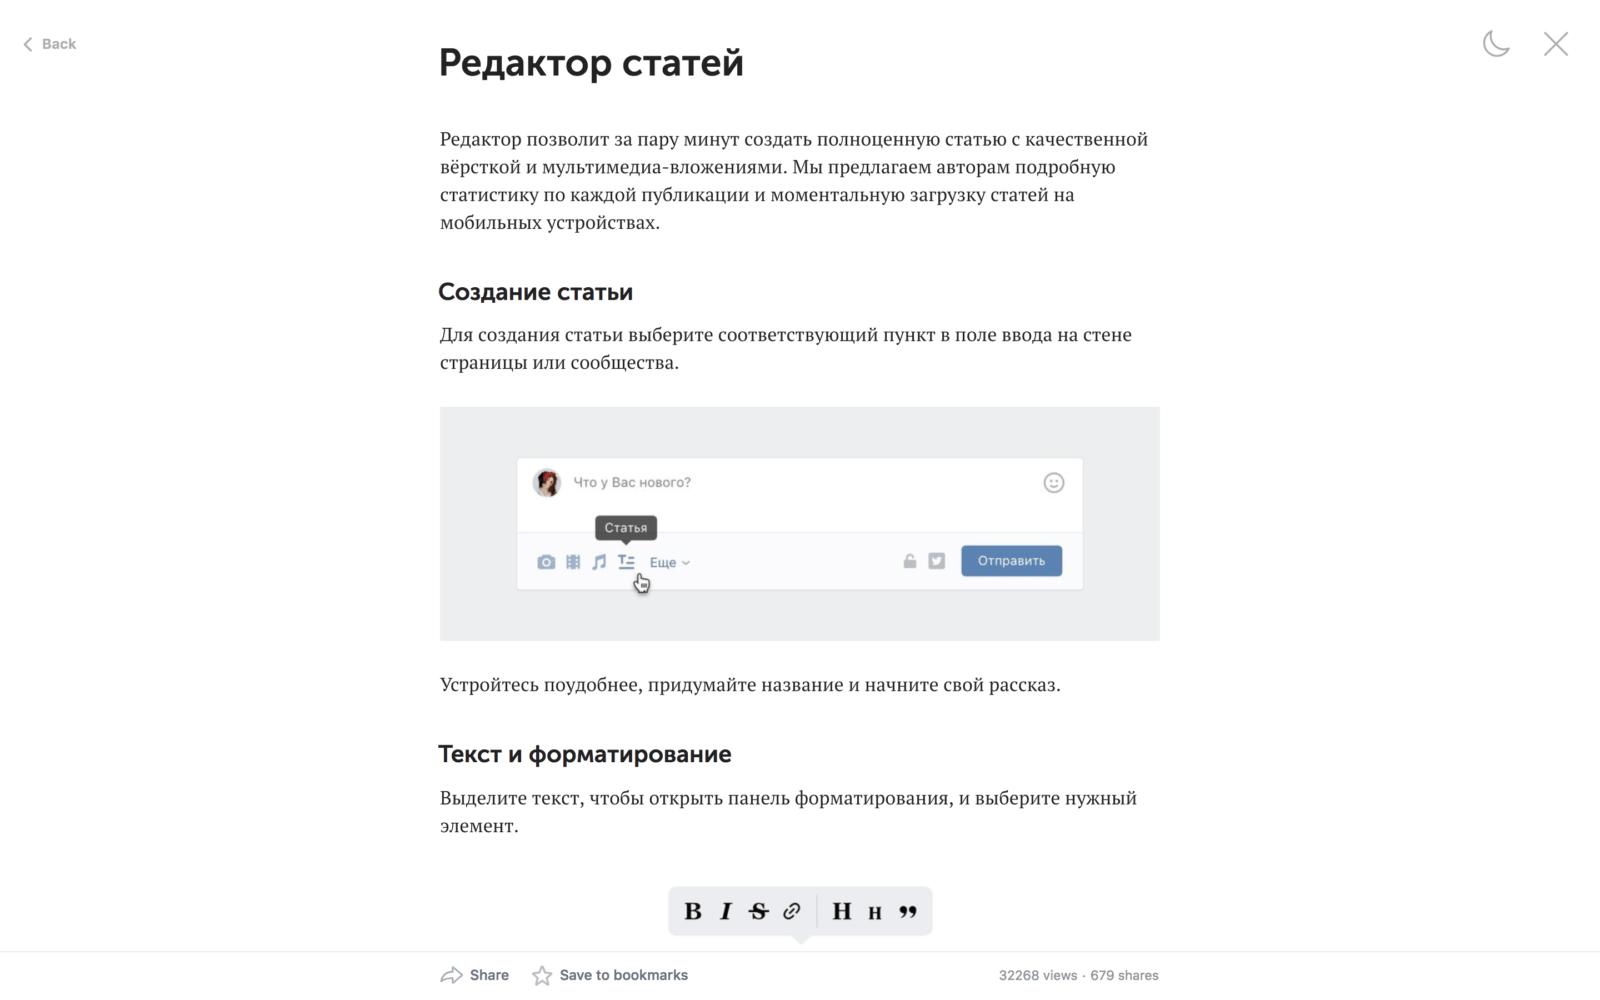 Редактор статей Вк